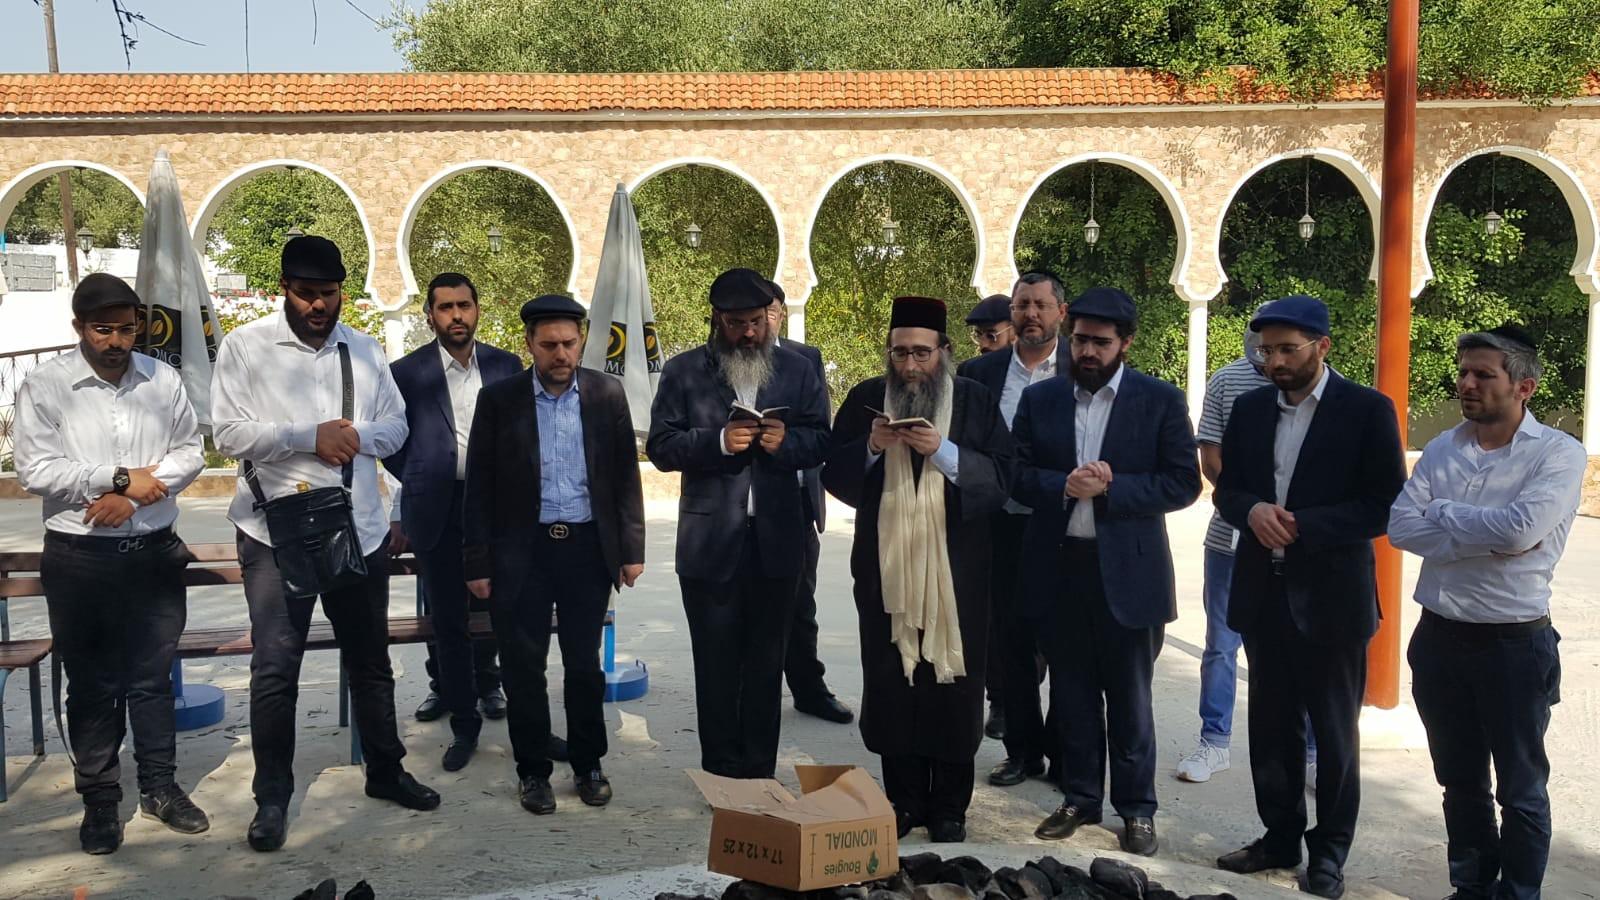 הרב פינטו במרוקו